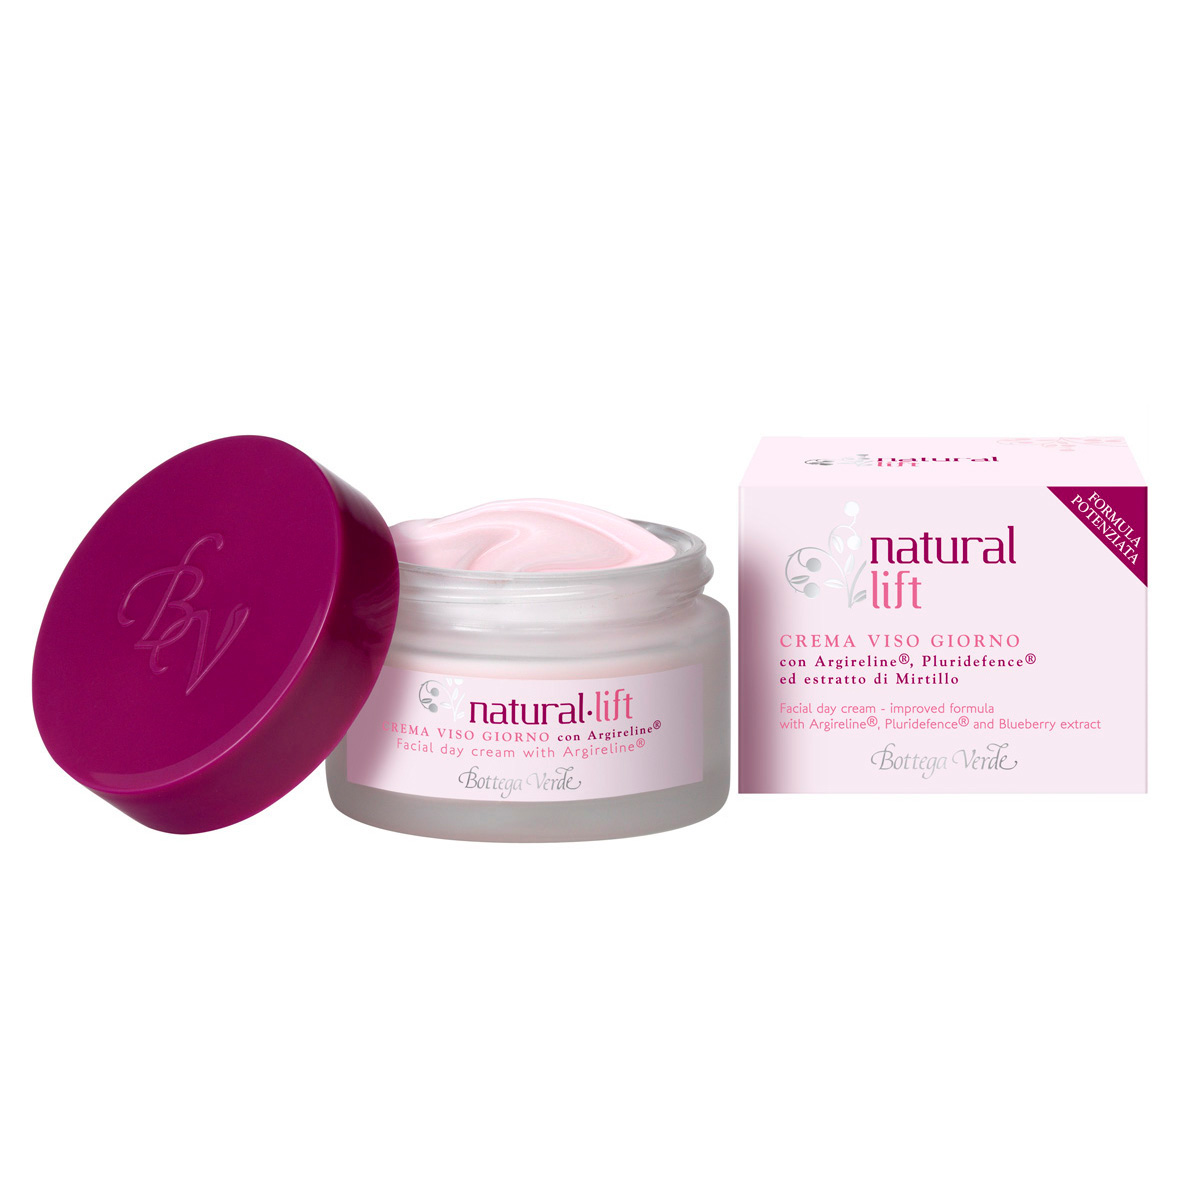 Lifting natural - Crema de fata pentru zi cu Argireline®, Pluridefence® si extract de coacaze